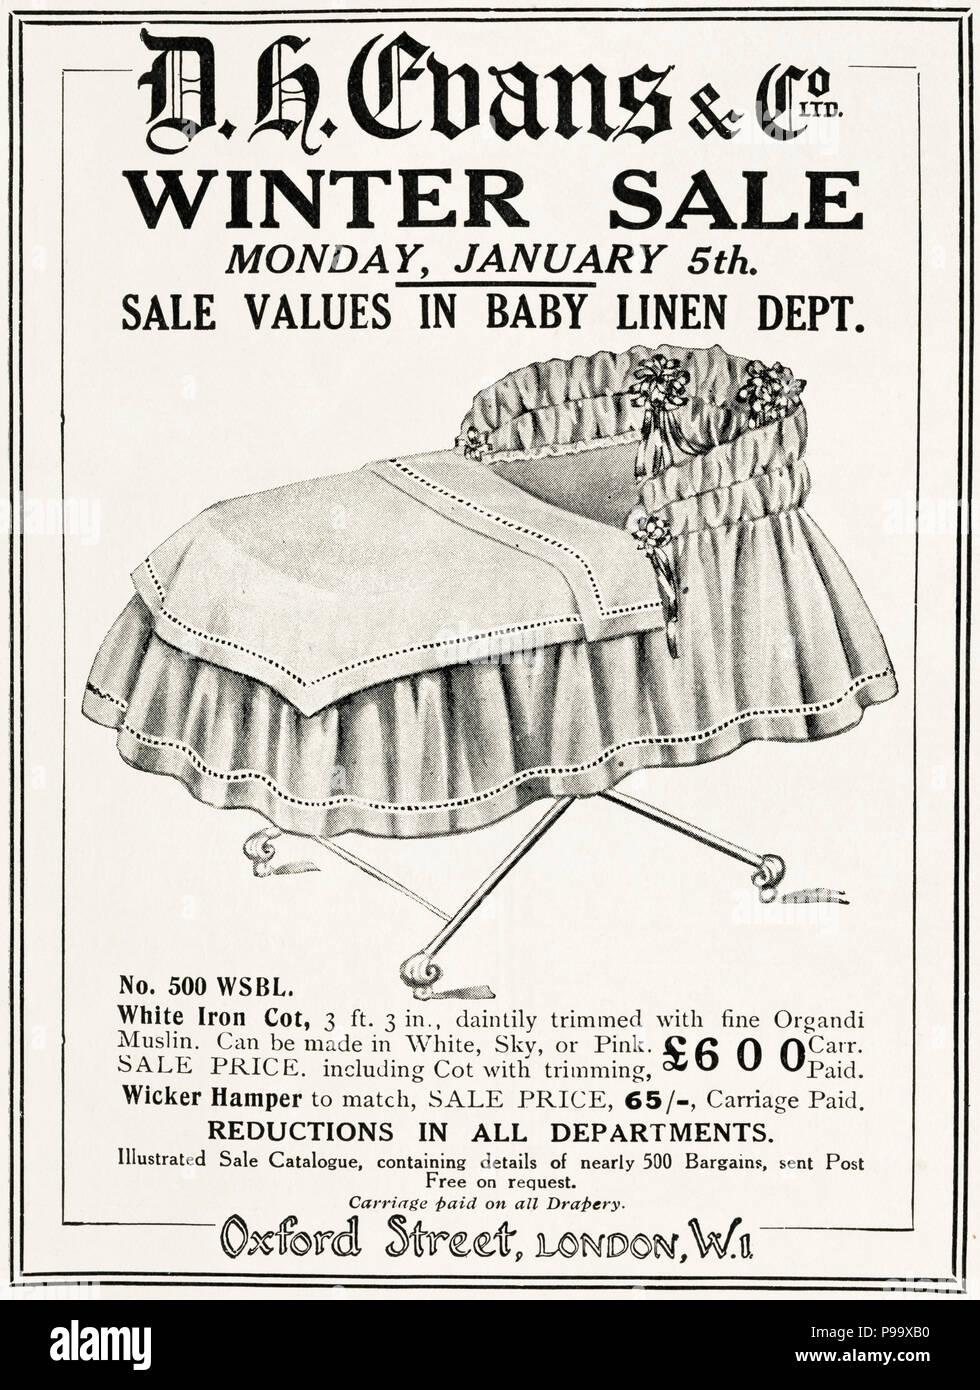 1920s old vintage original advert advertising winter sale of babies